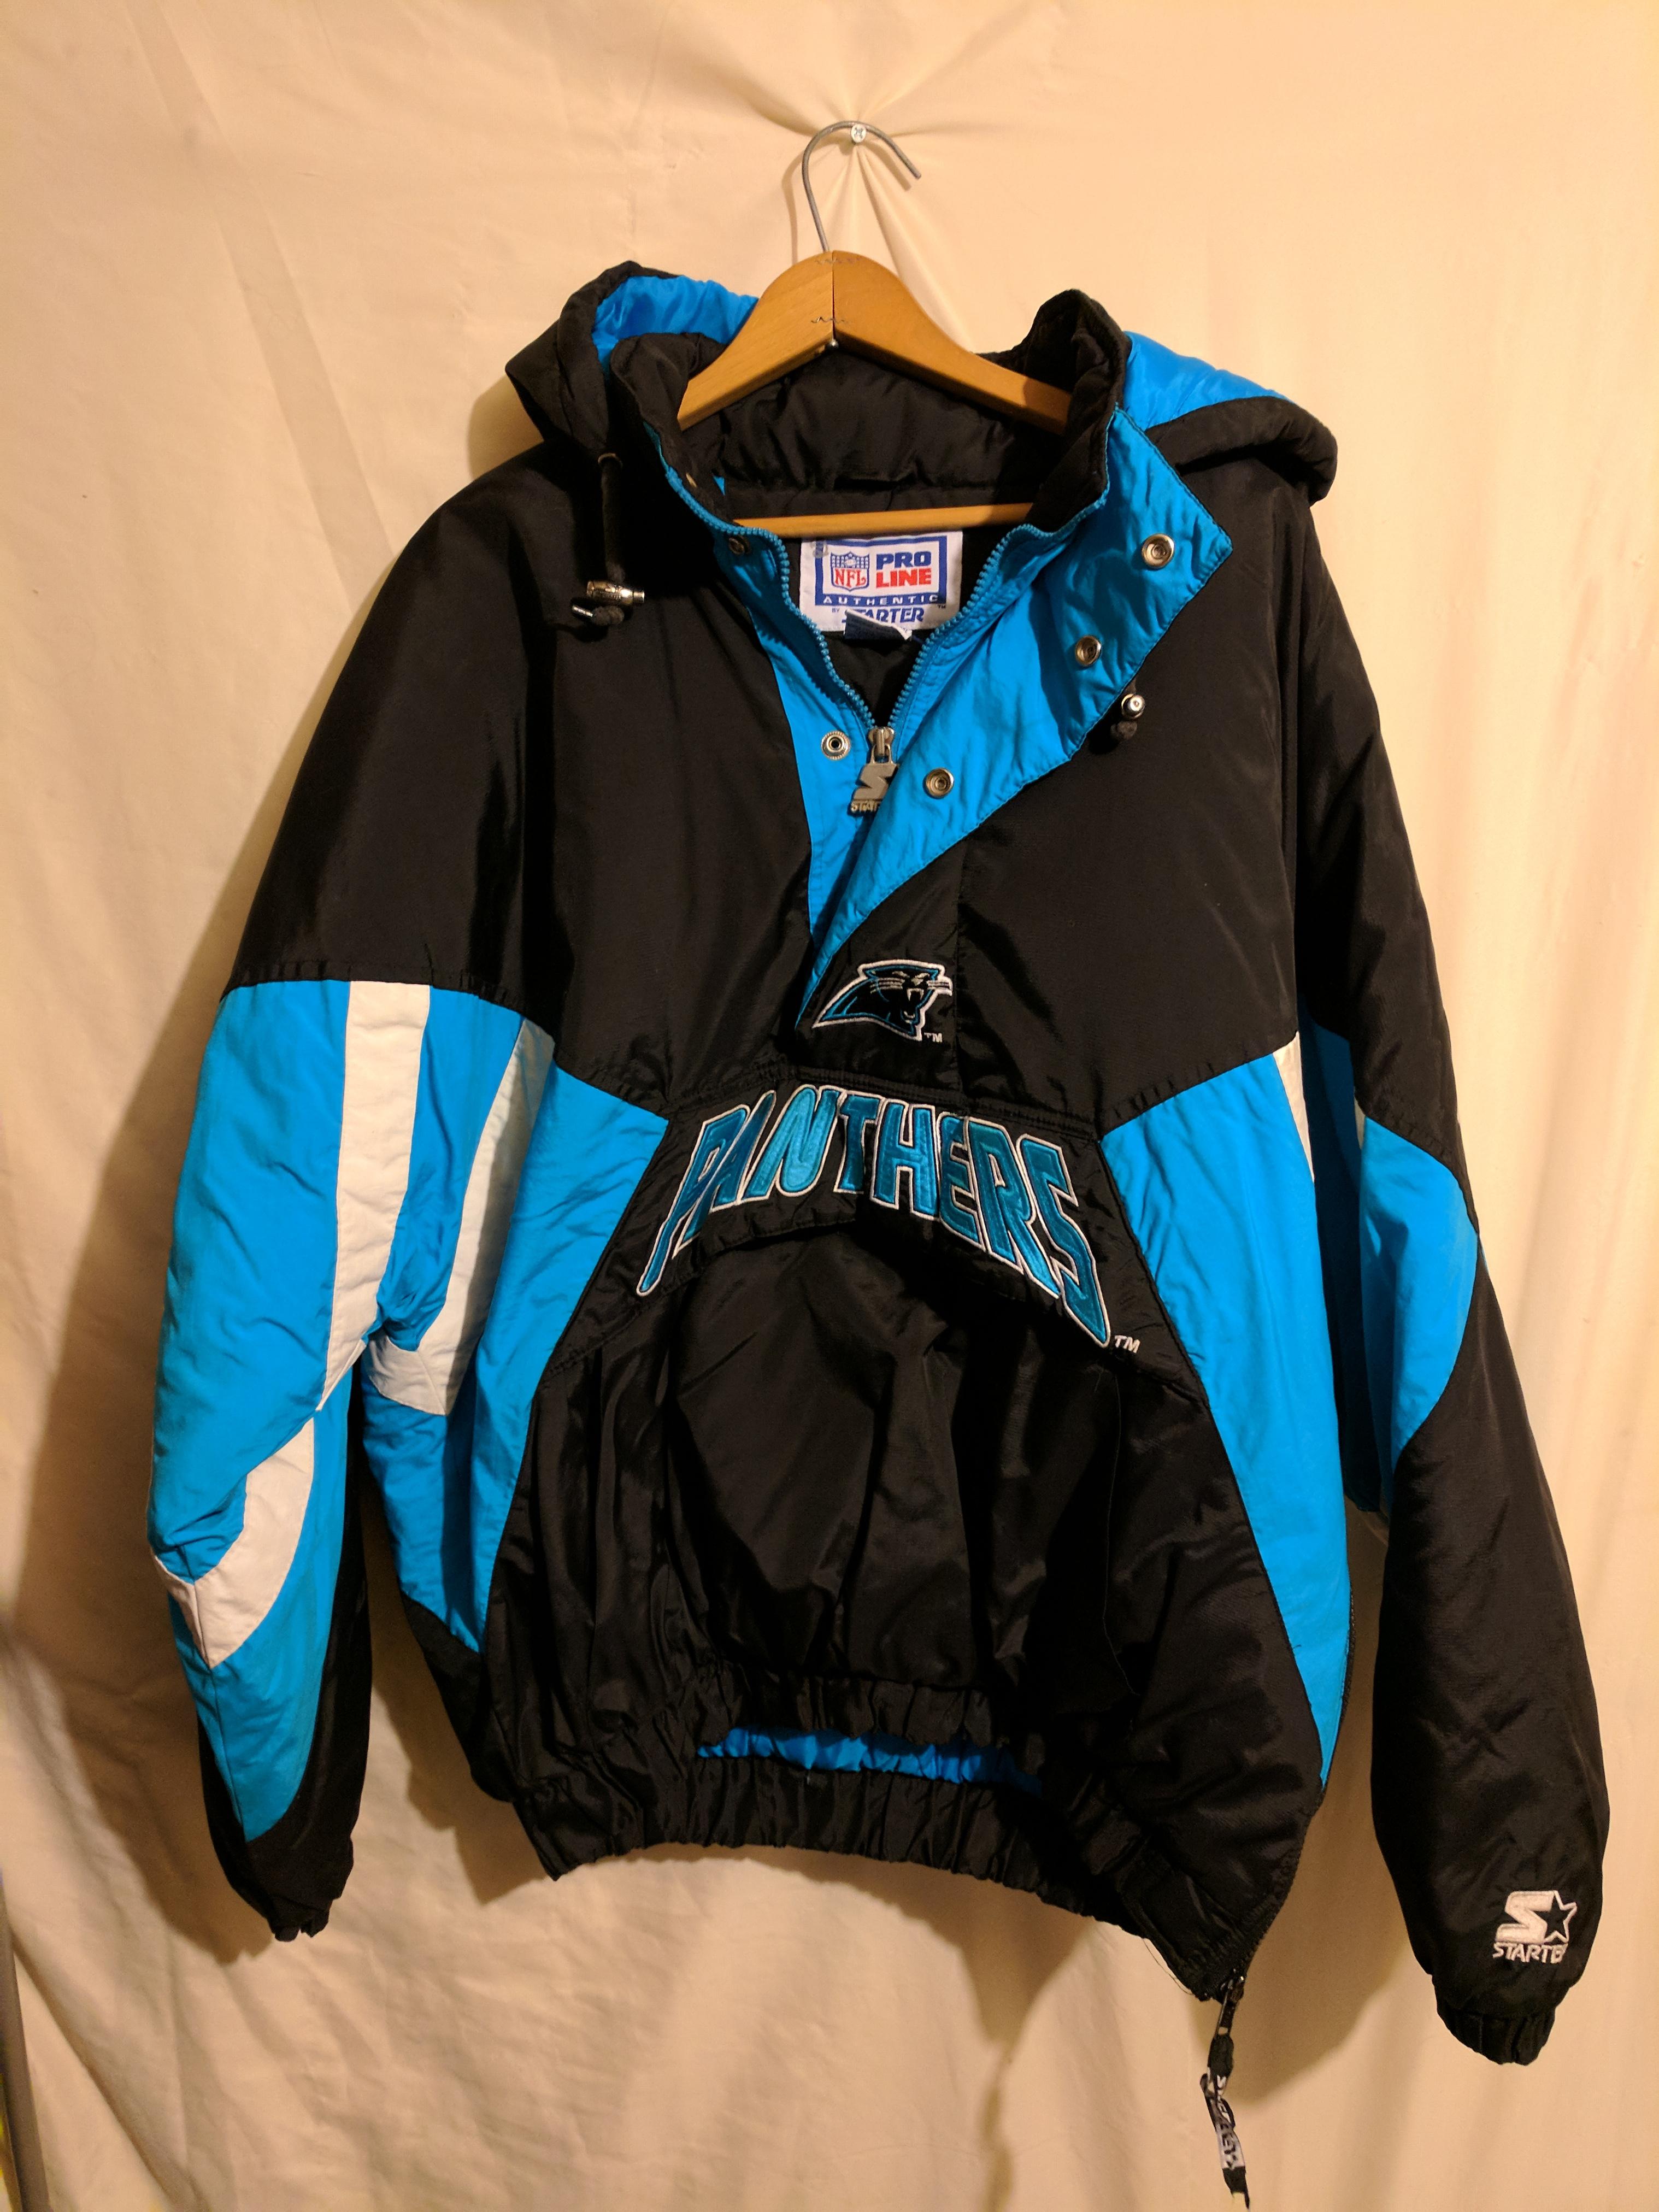 quality design 6f2a1 a941f Carolina Panthers NFL Starter Jacket